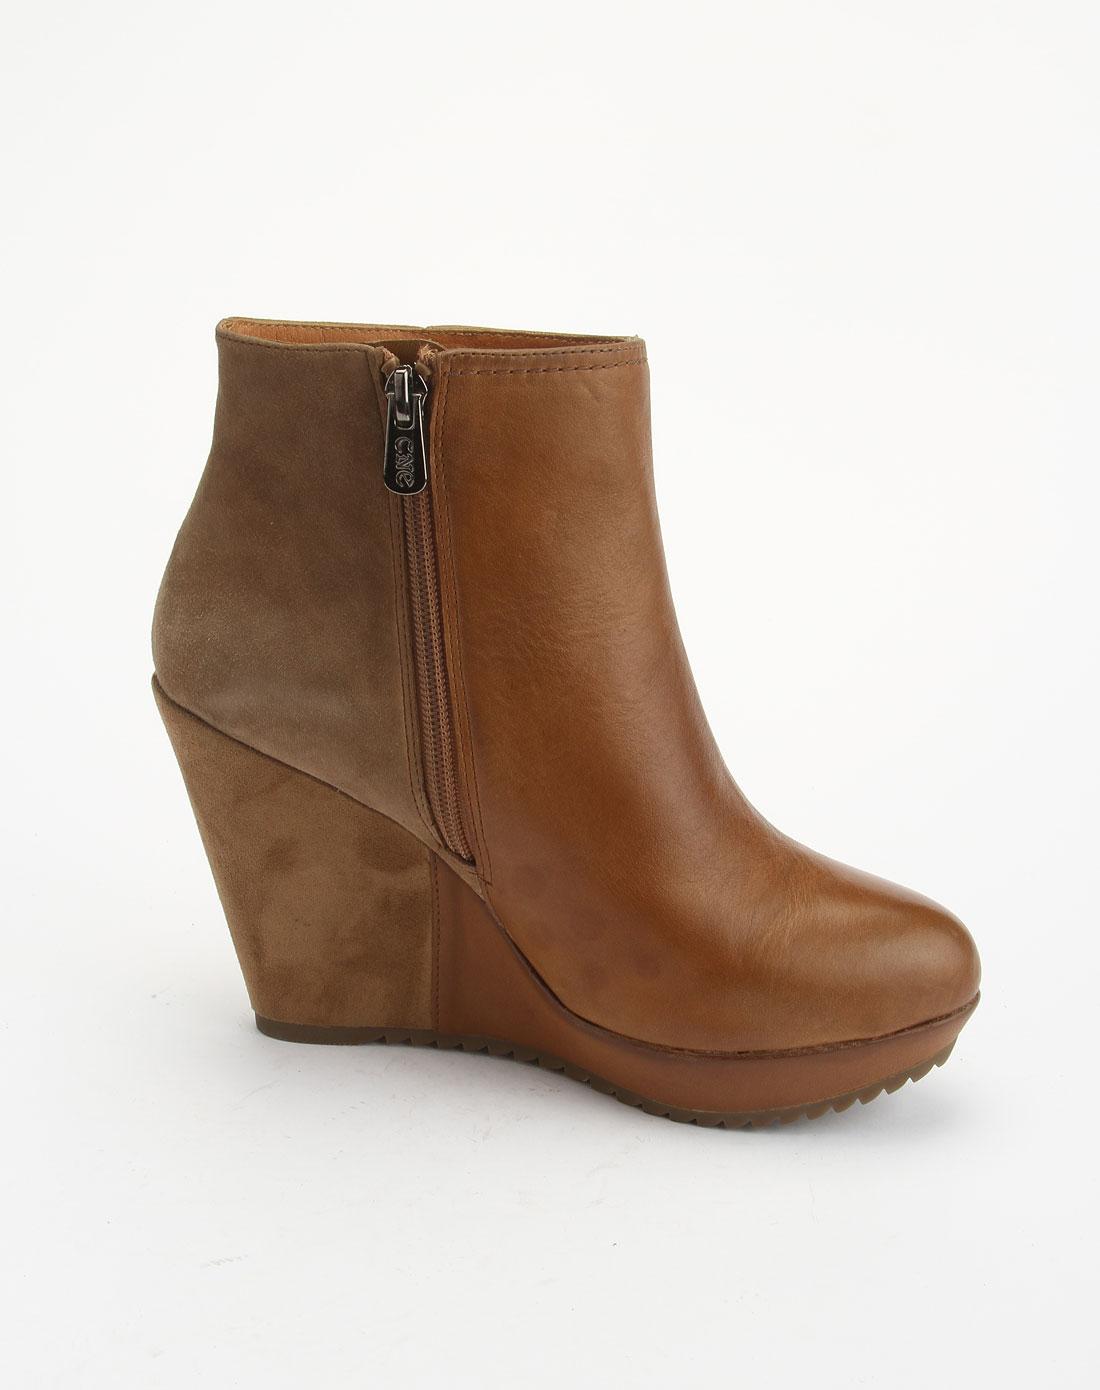 棕色牛津鞋搭配